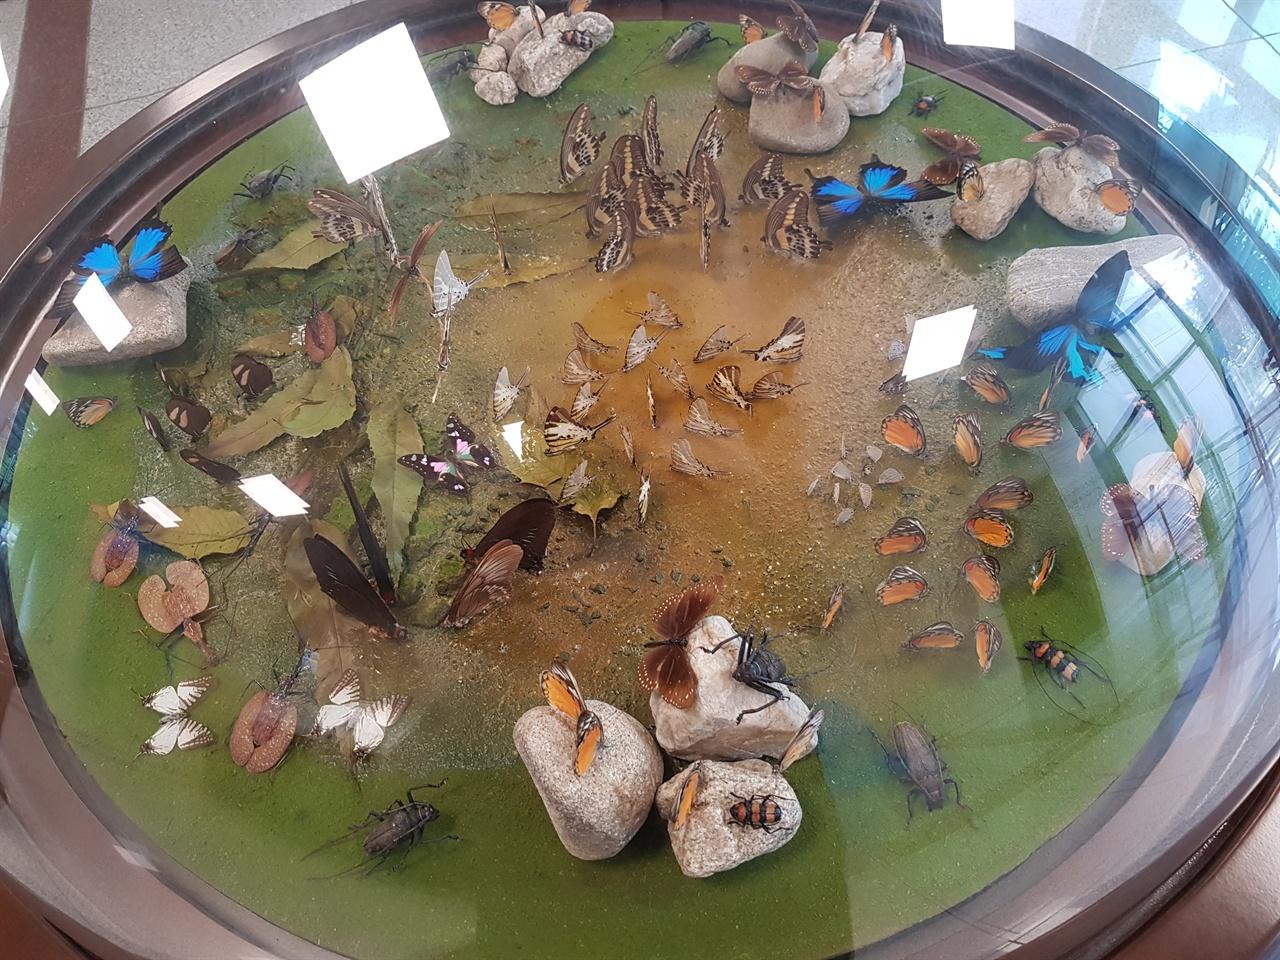 다양한 곤충의 생태를 알려주는 예천 곤충생태원 전시실.